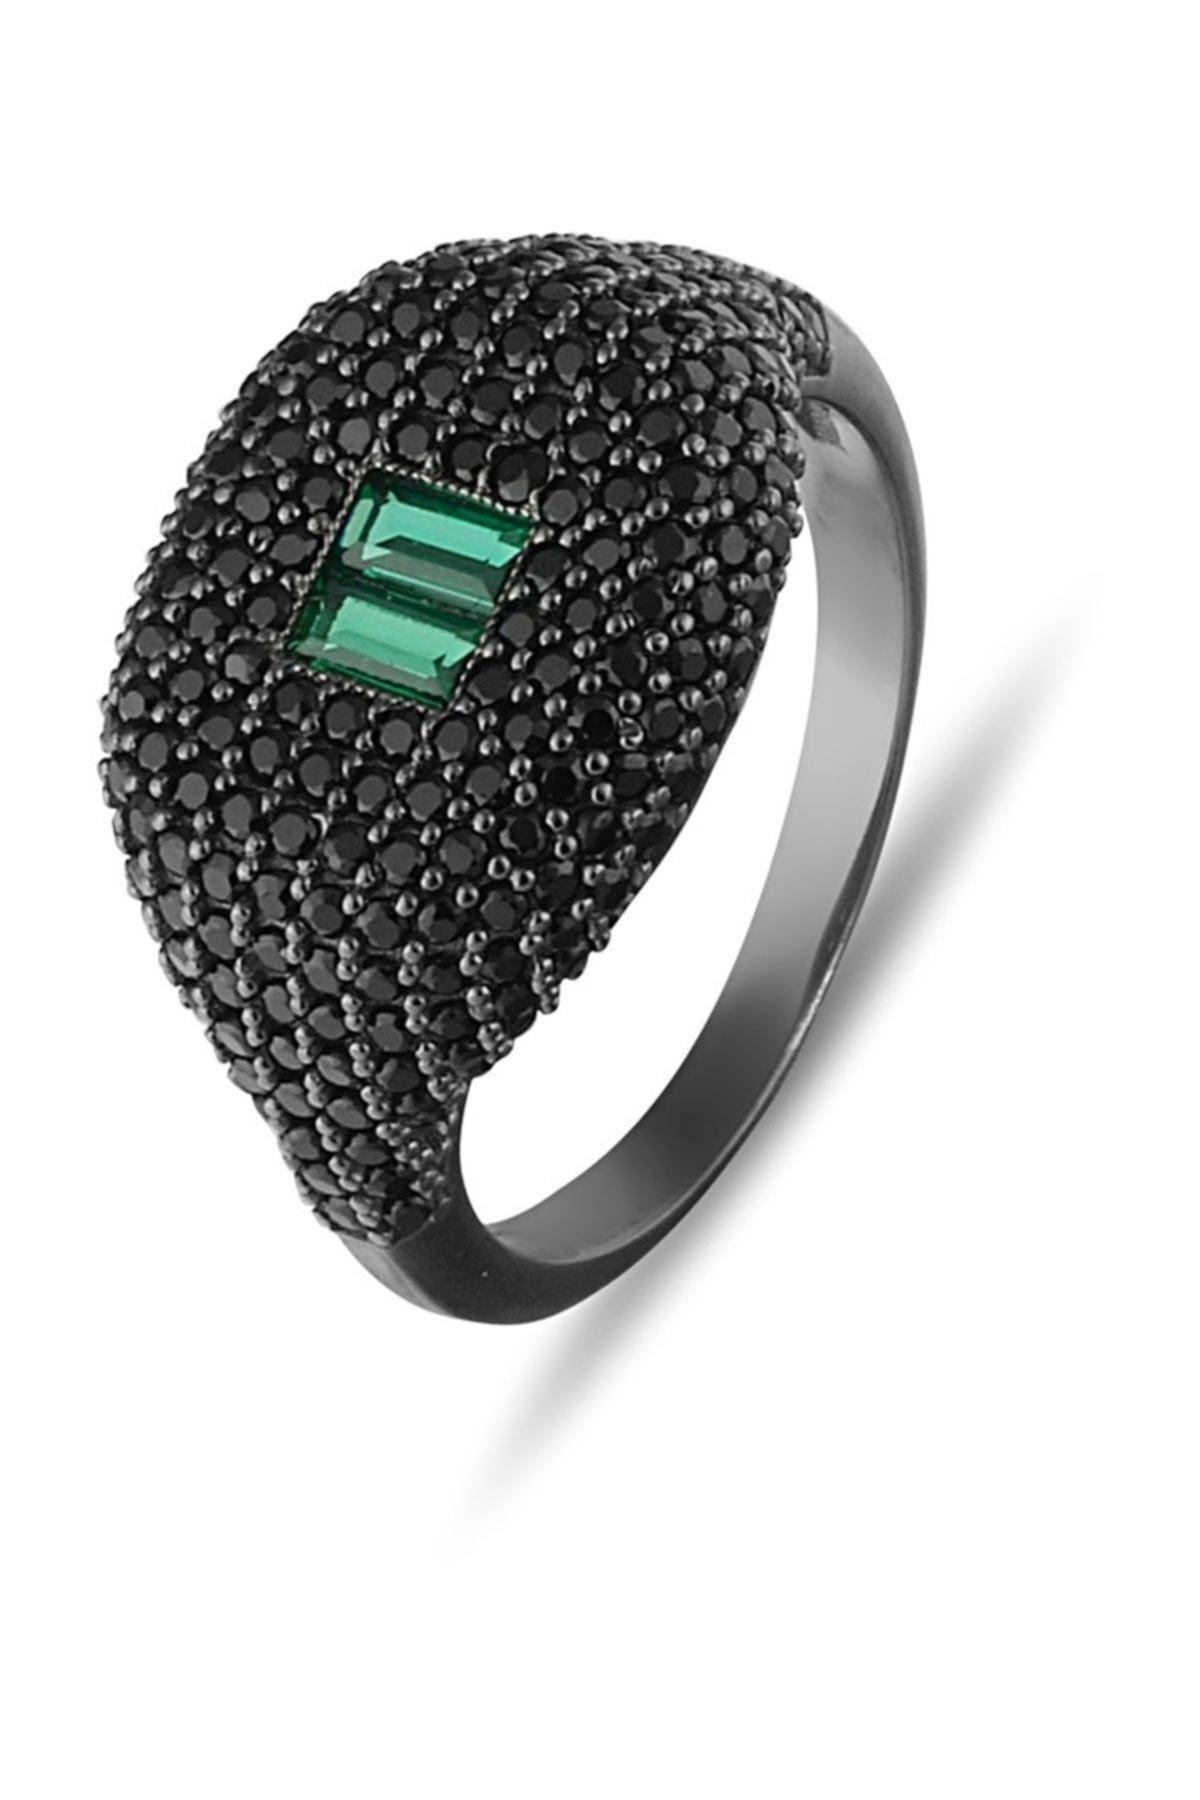 MySilvers Yeşil Baget Taşlı Tasarım Gümüş Yüzük 1